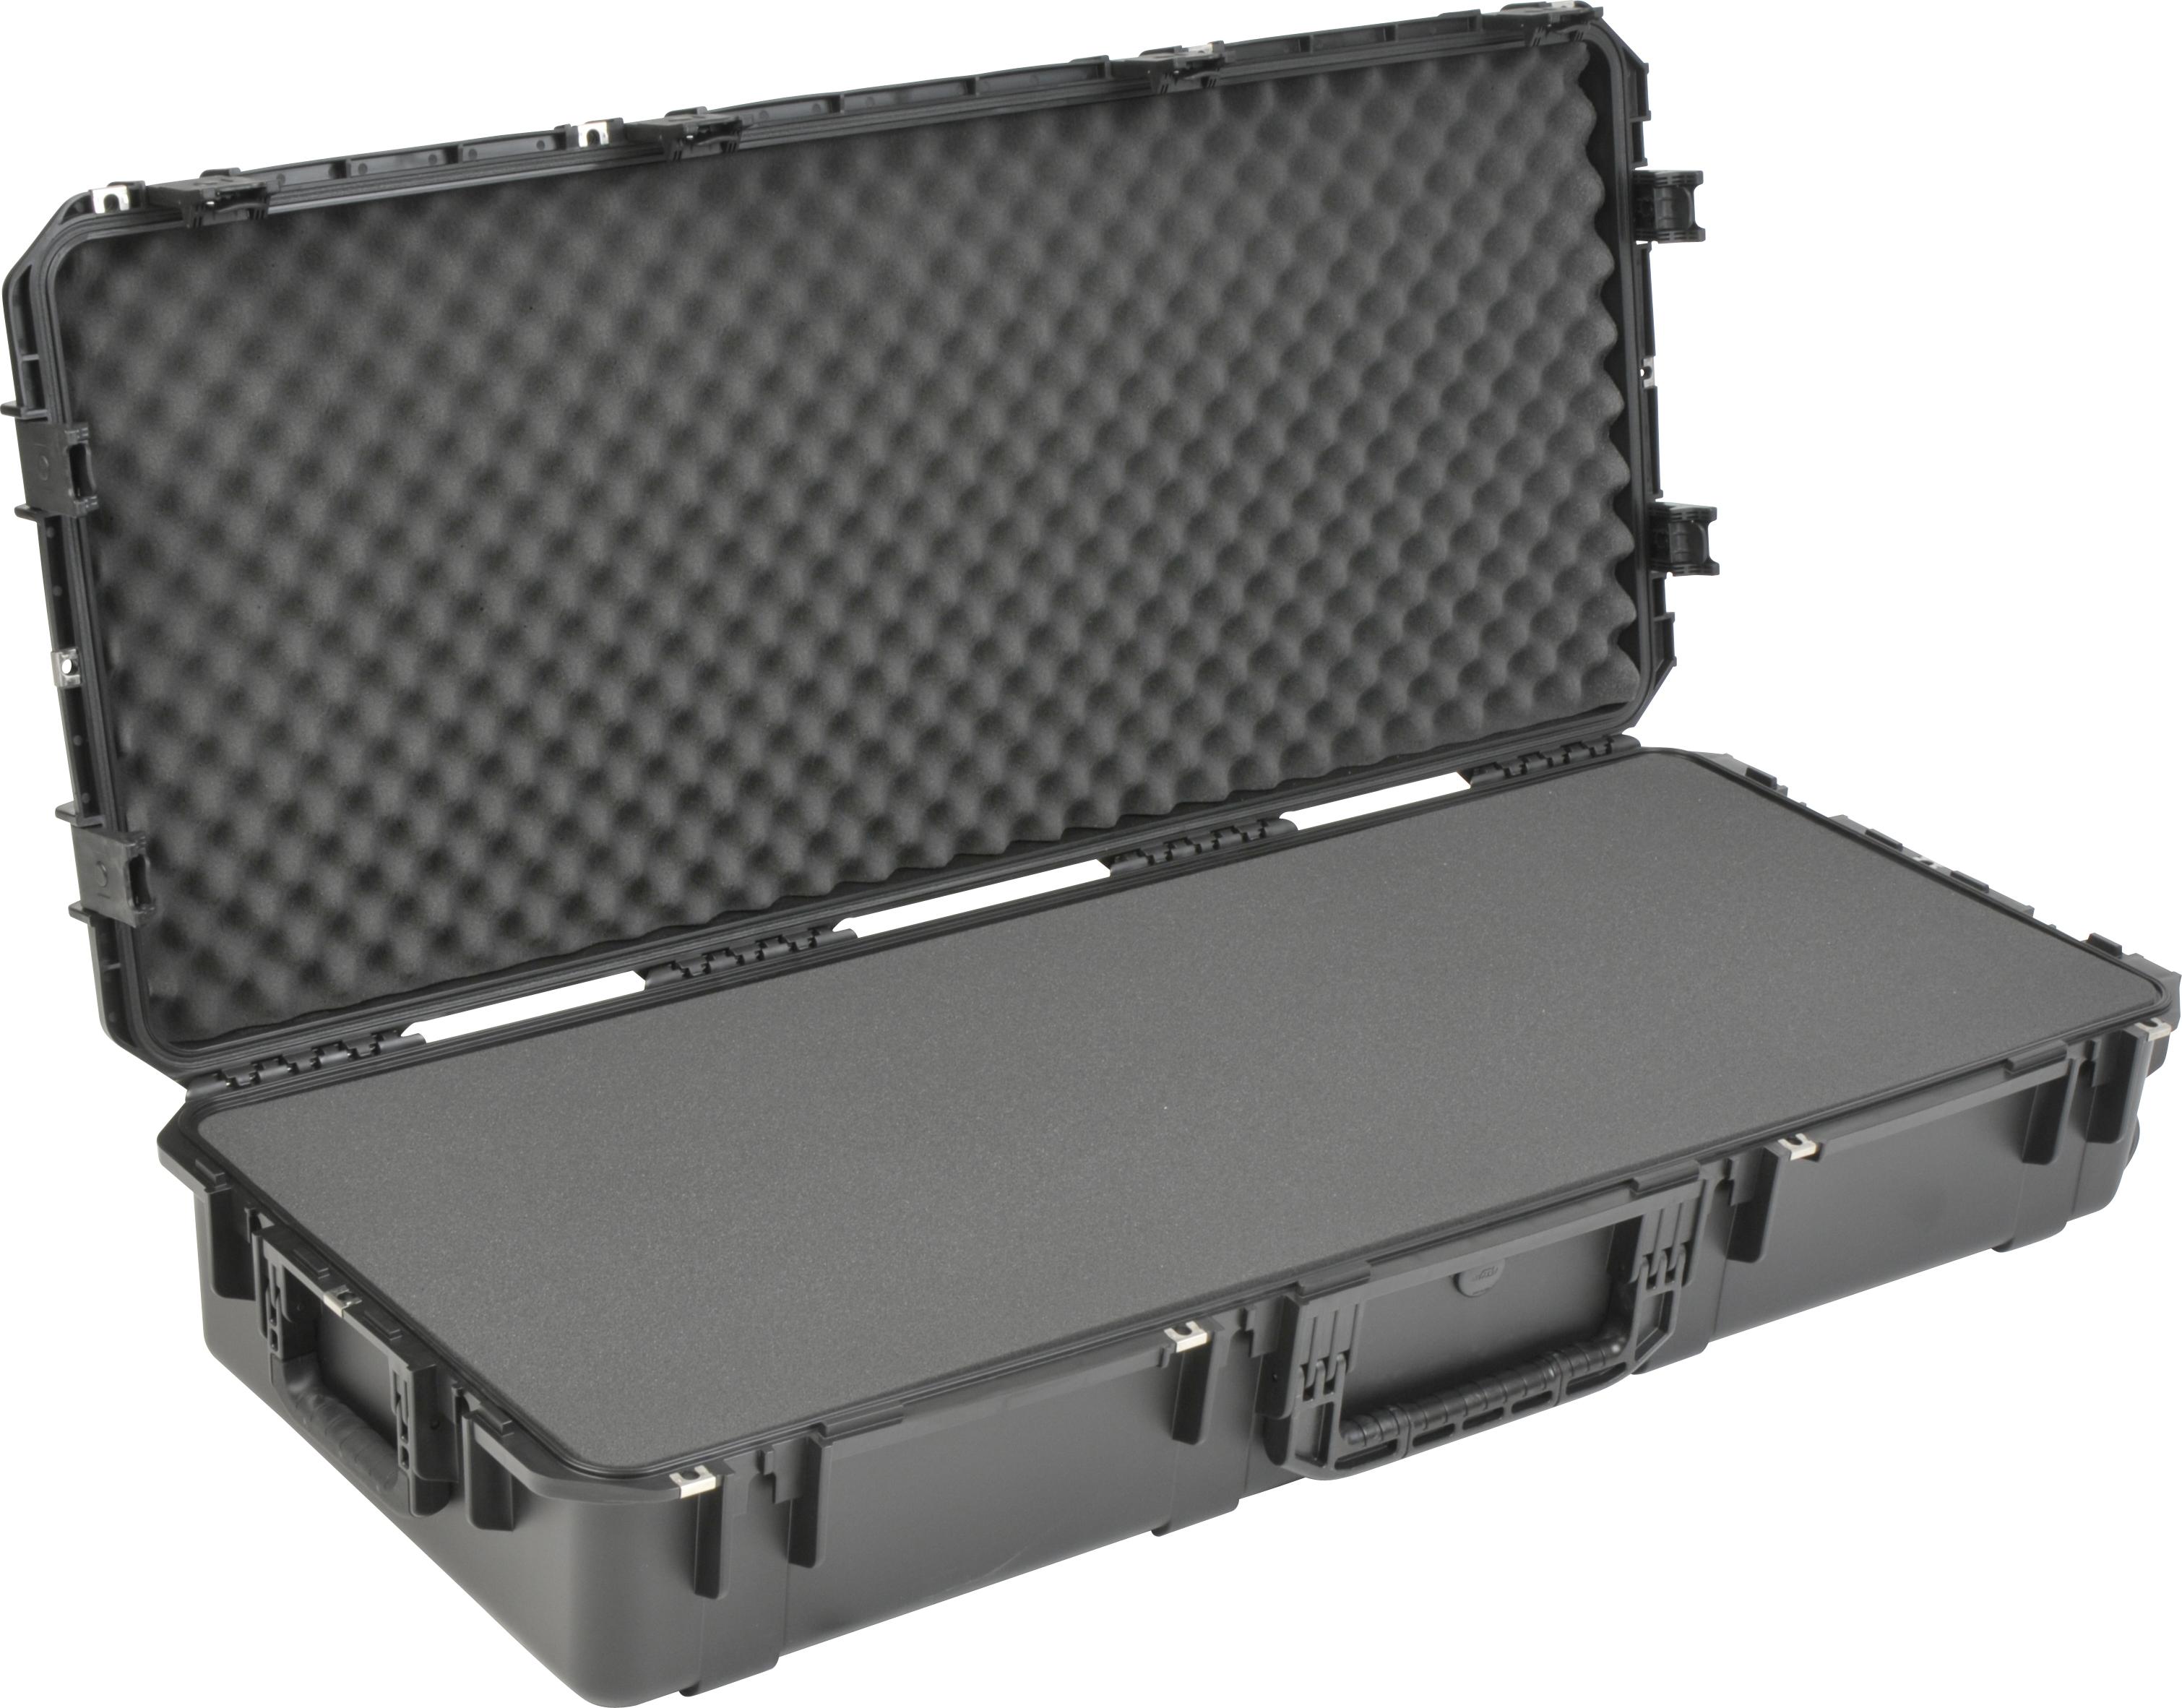 SKB 3I-4719-8 Case